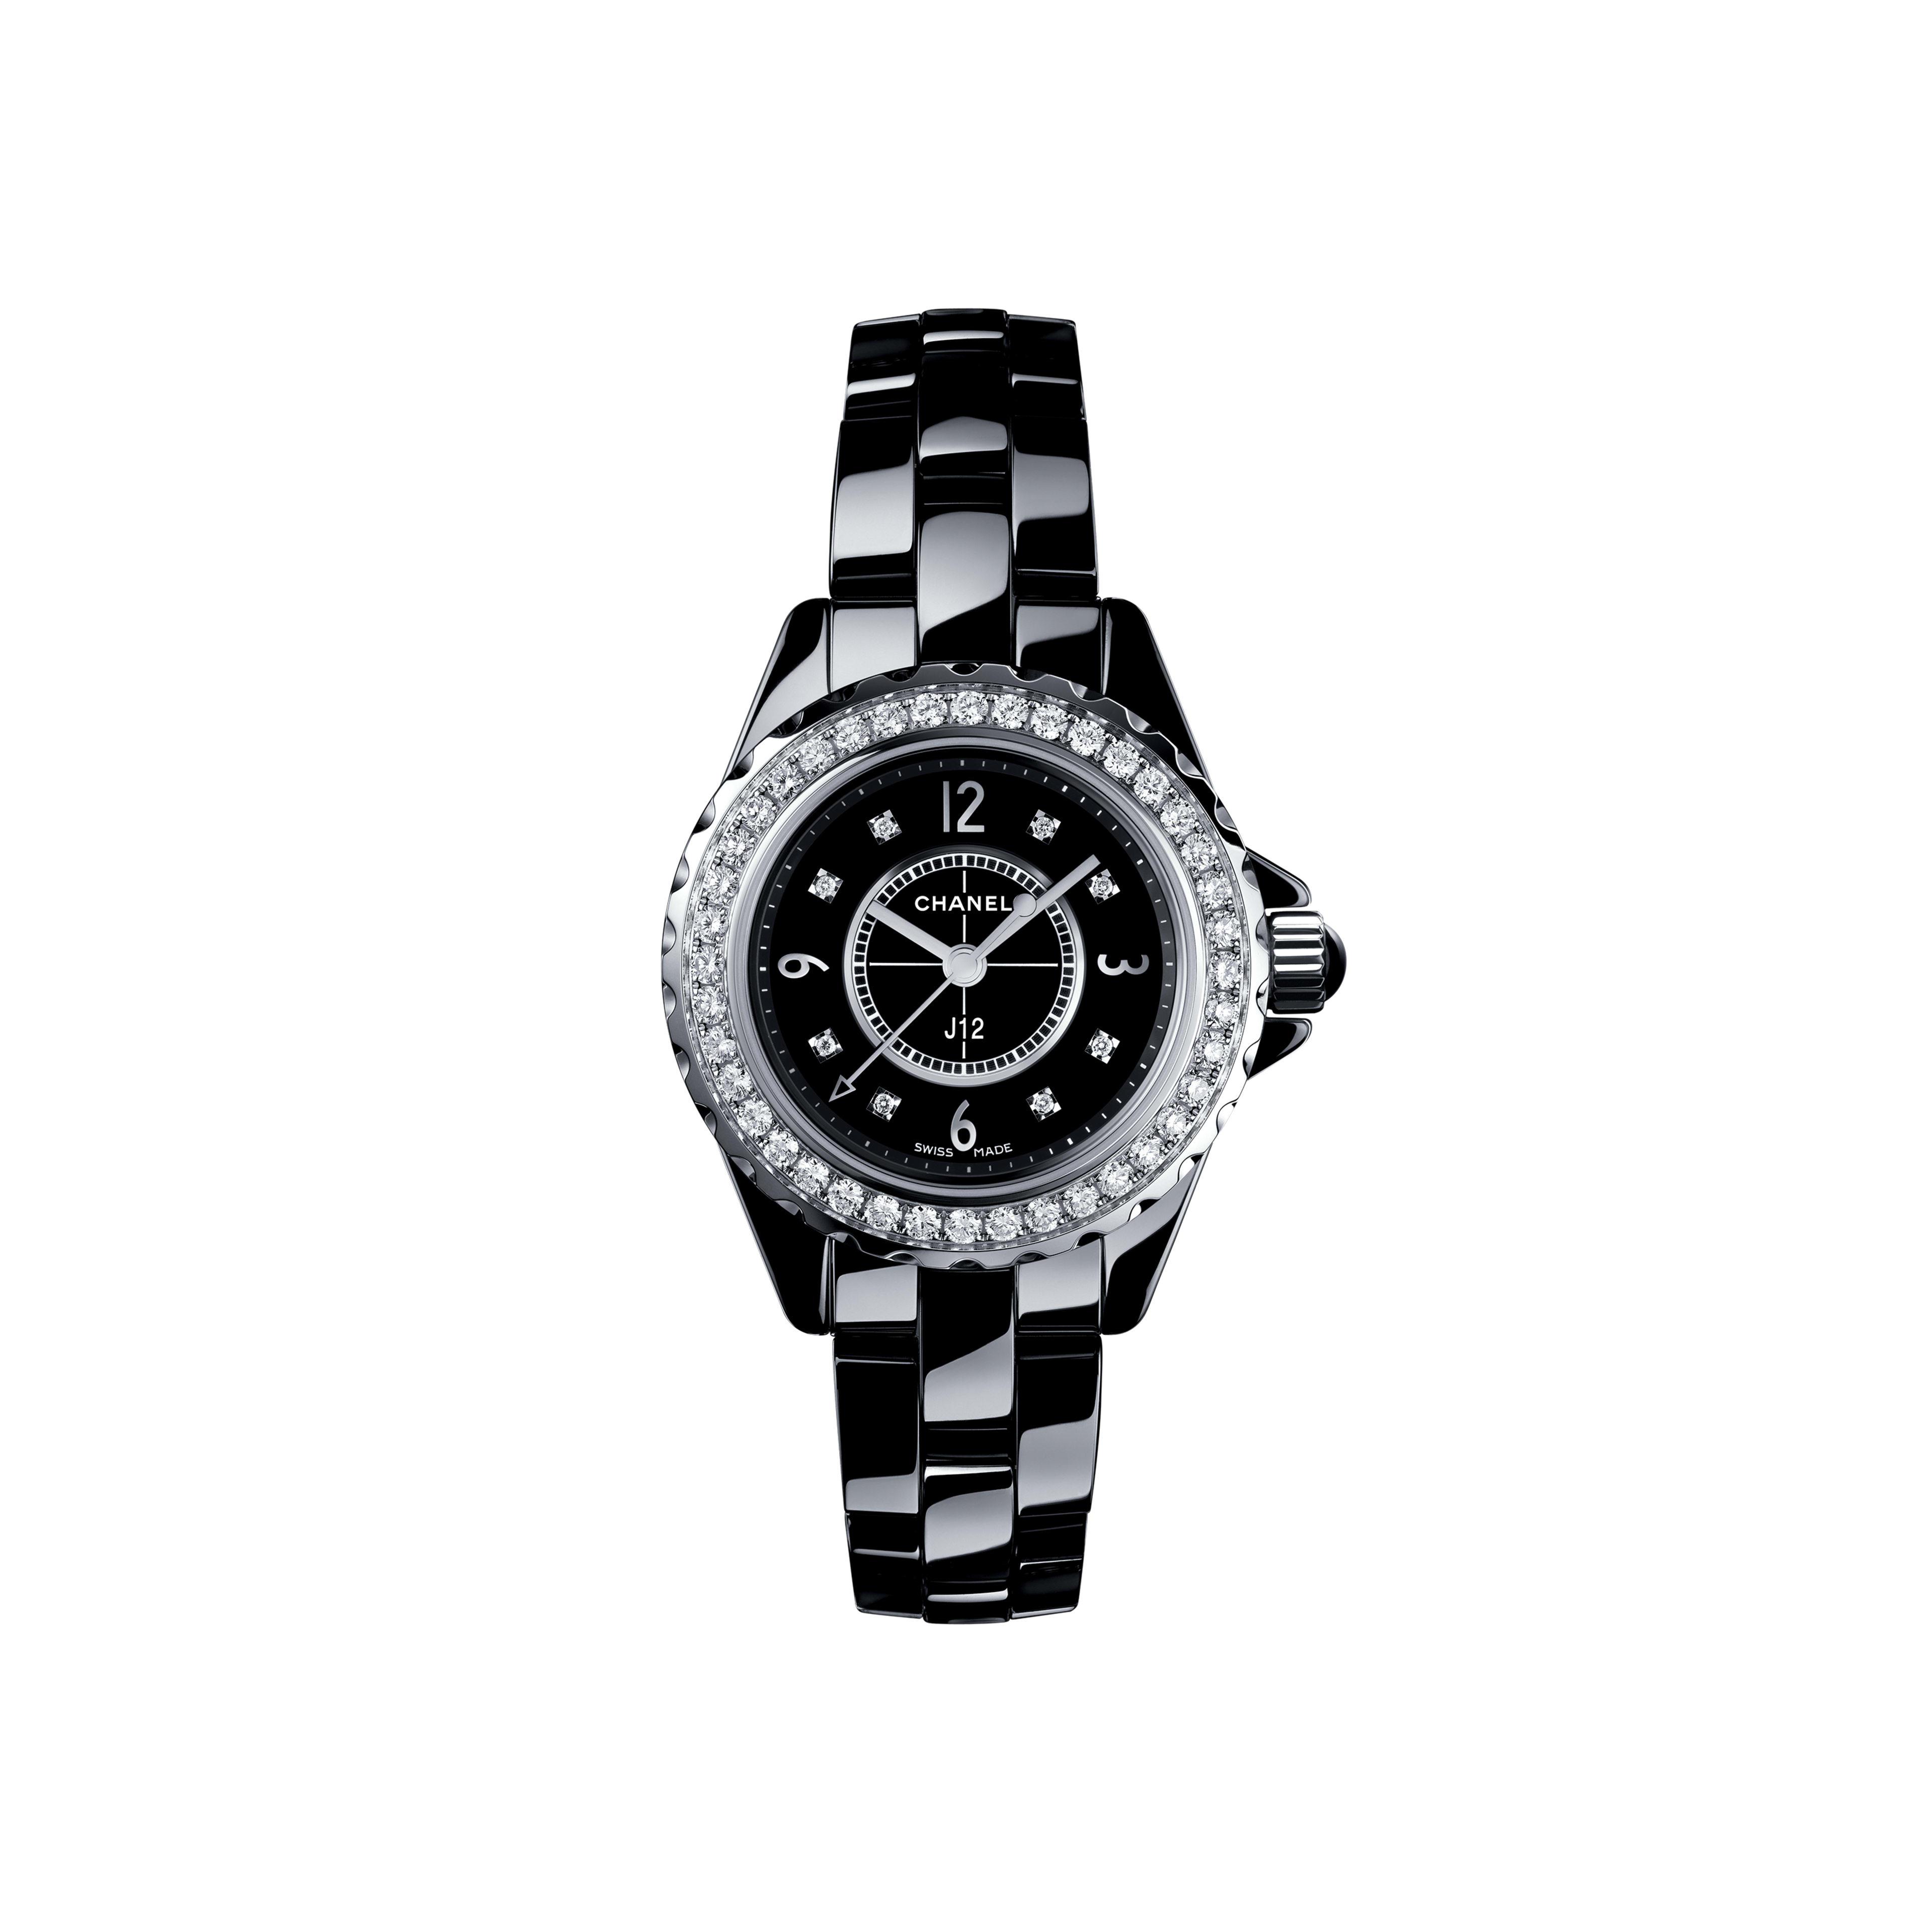 Chanel часы стоимость j12 часы российских наручные продать